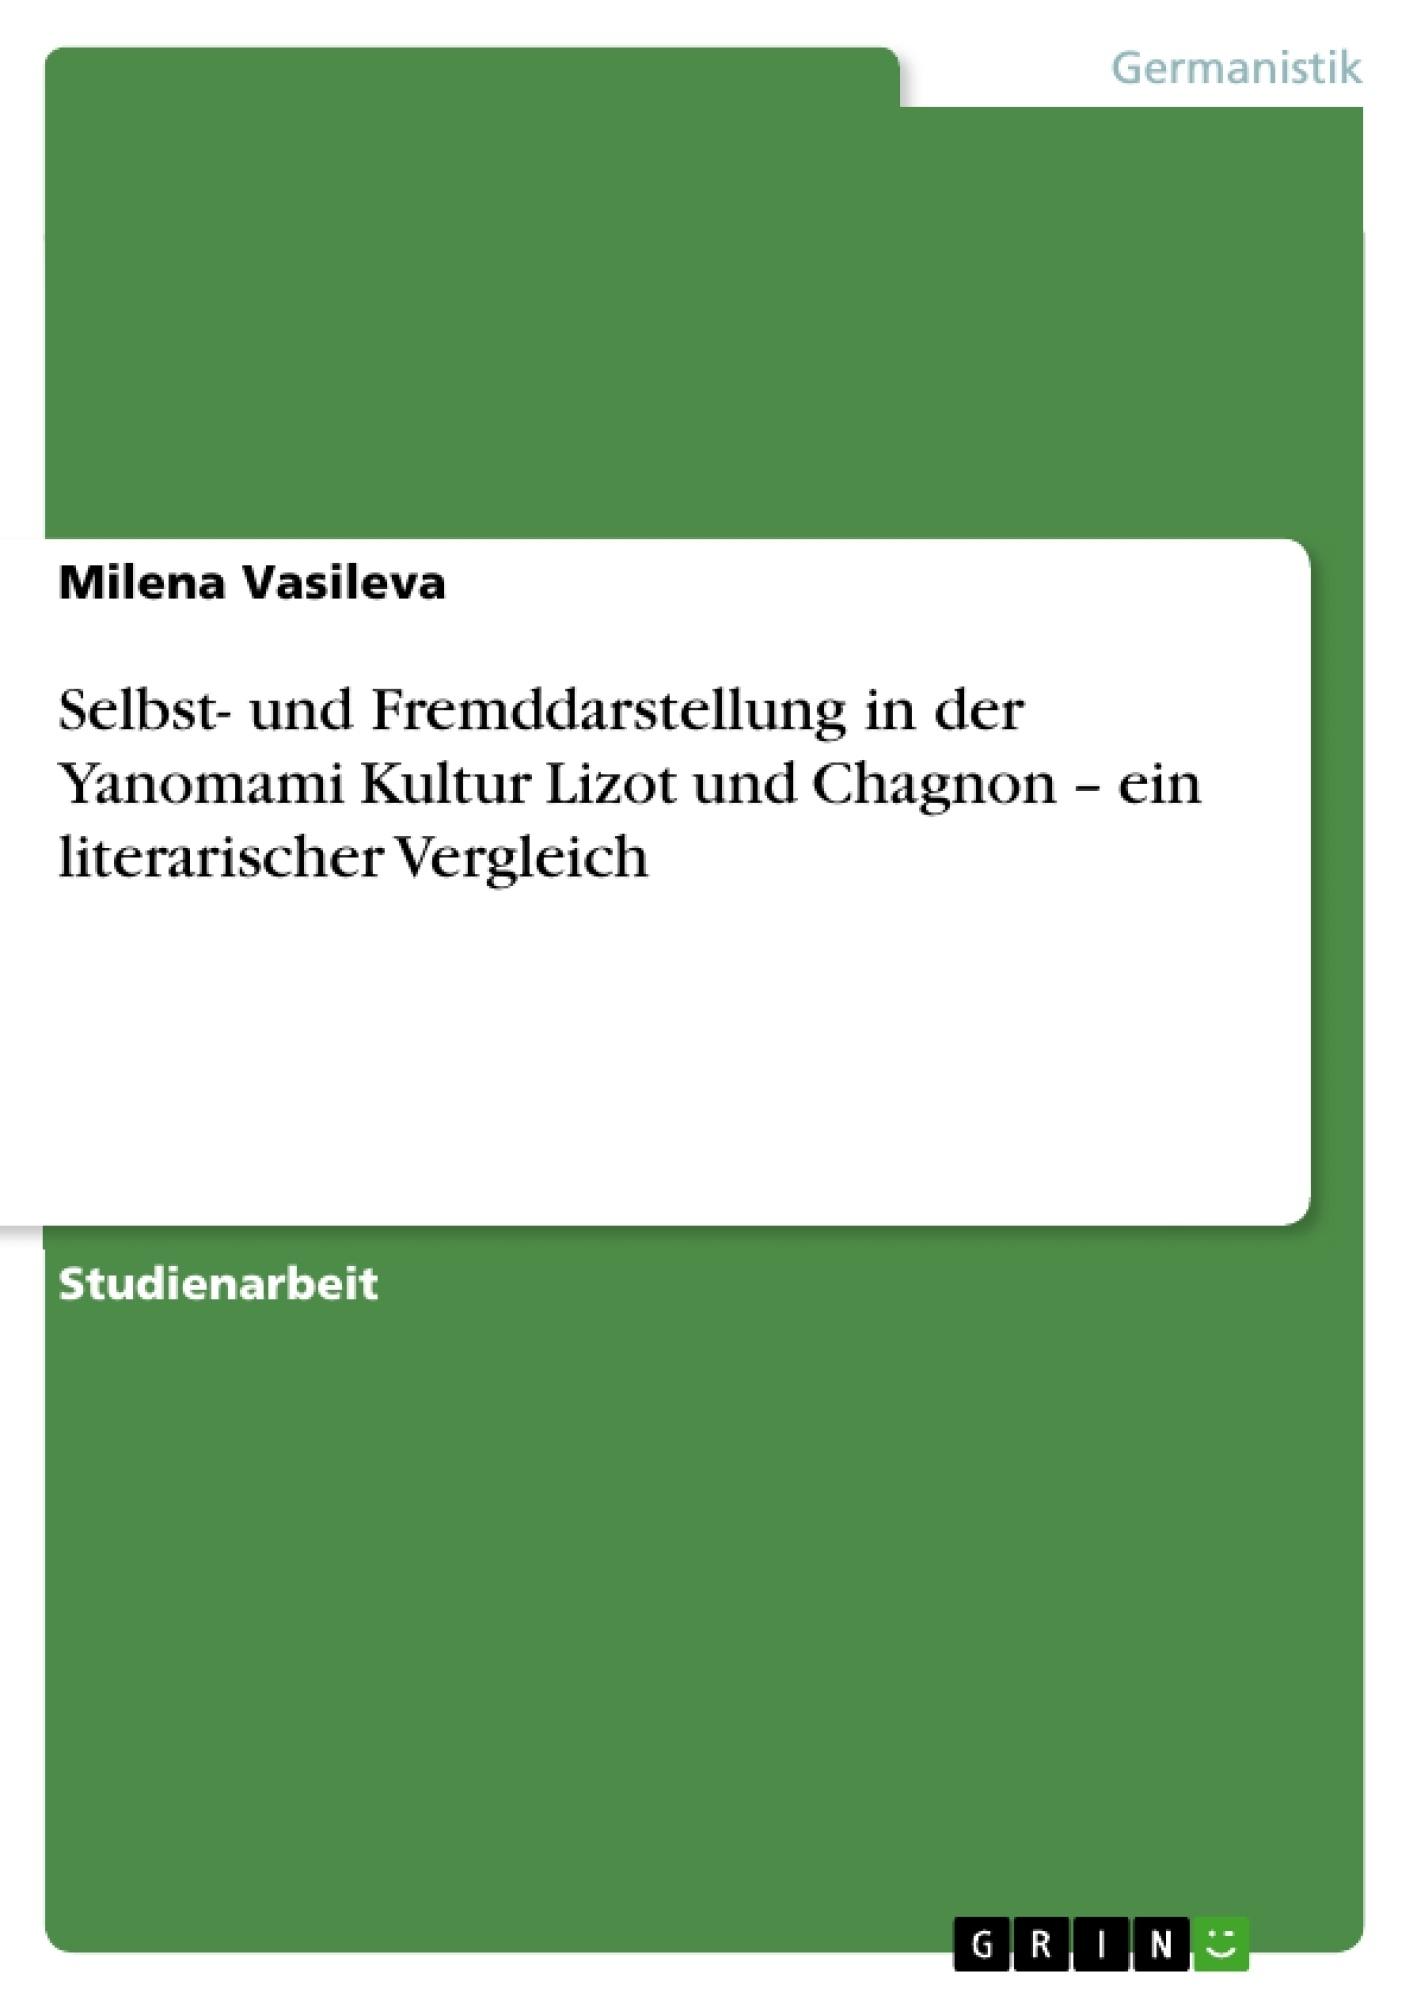 Titel: Selbst- und Fremddarstellung in der Yanomami Kultur Lizot und Chagnon – ein literarischer Vergleich